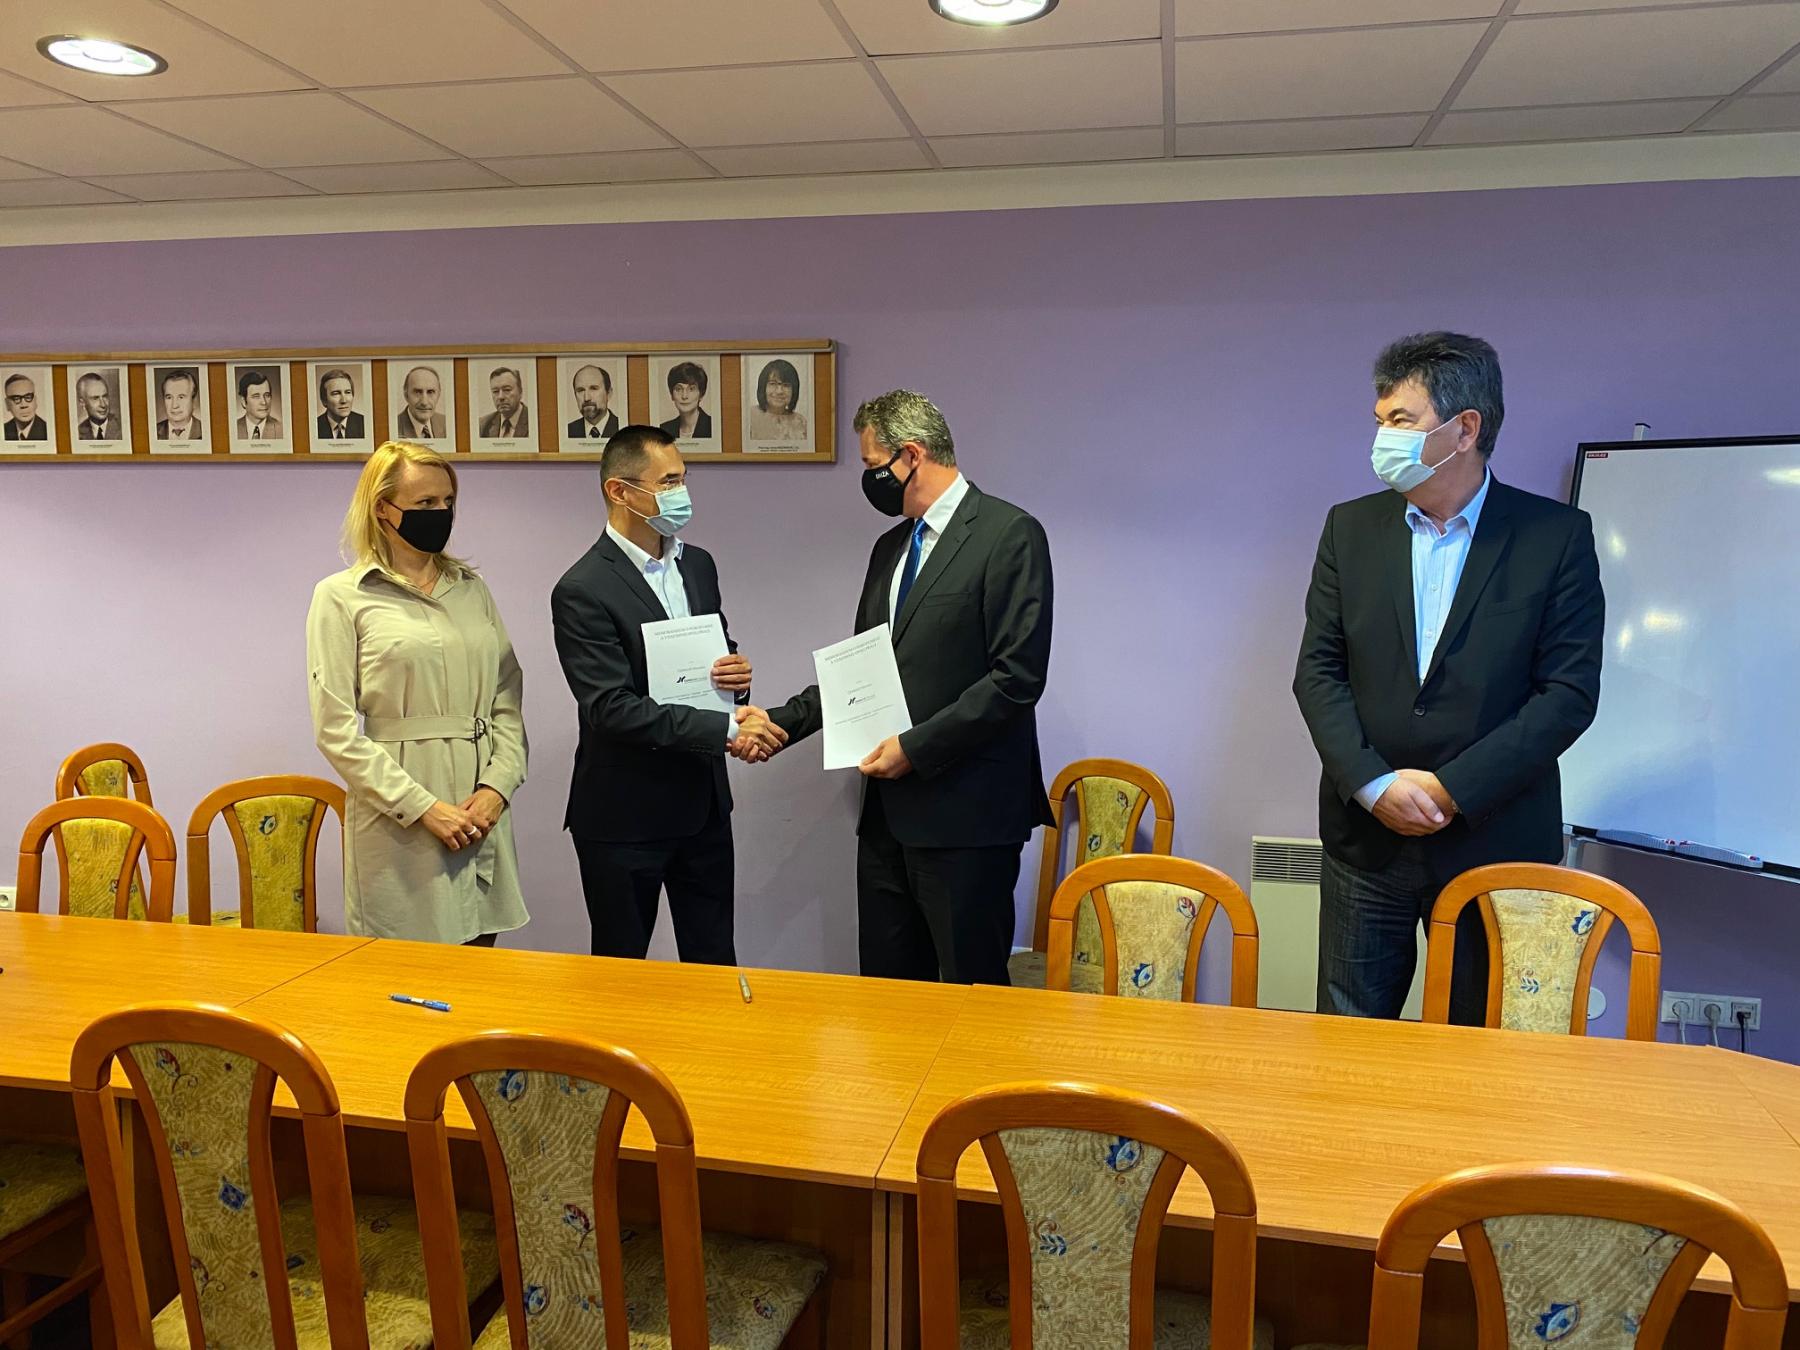 Podpísanie memoranda o porozumení a spolupráci